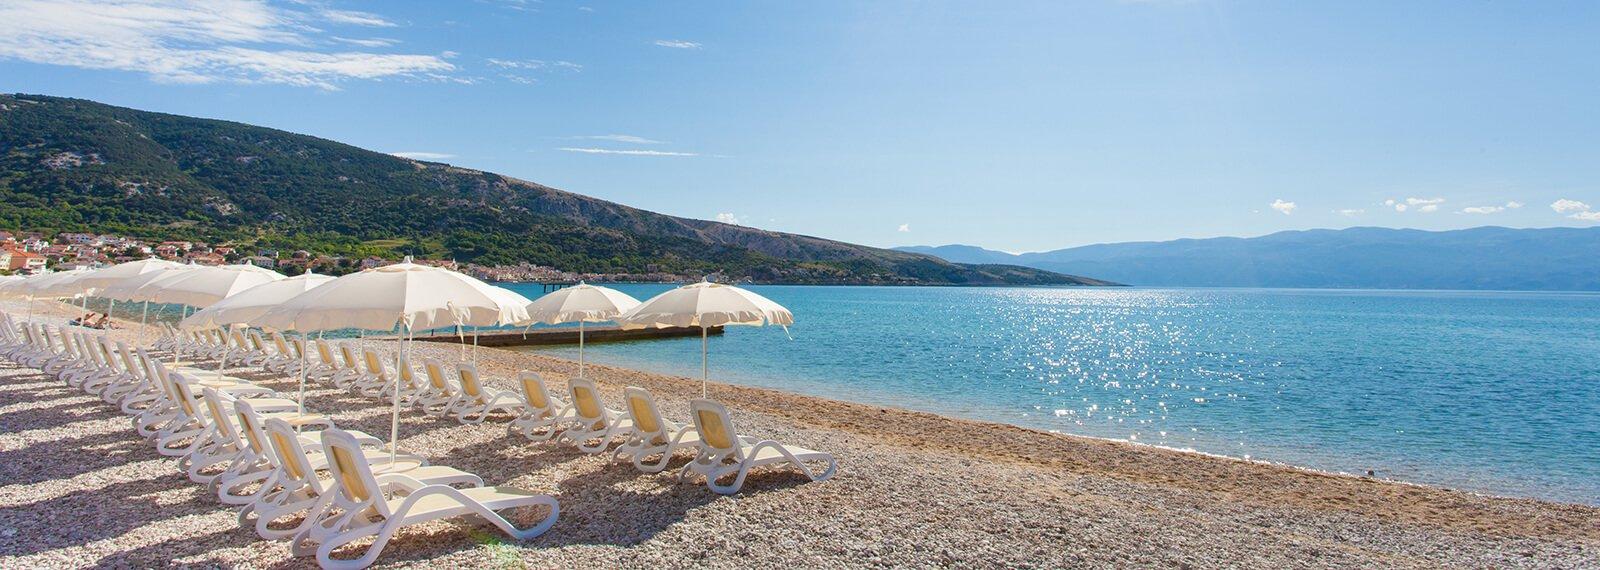 Campingplatz  Zablace Baska Strand | AdriaCamps